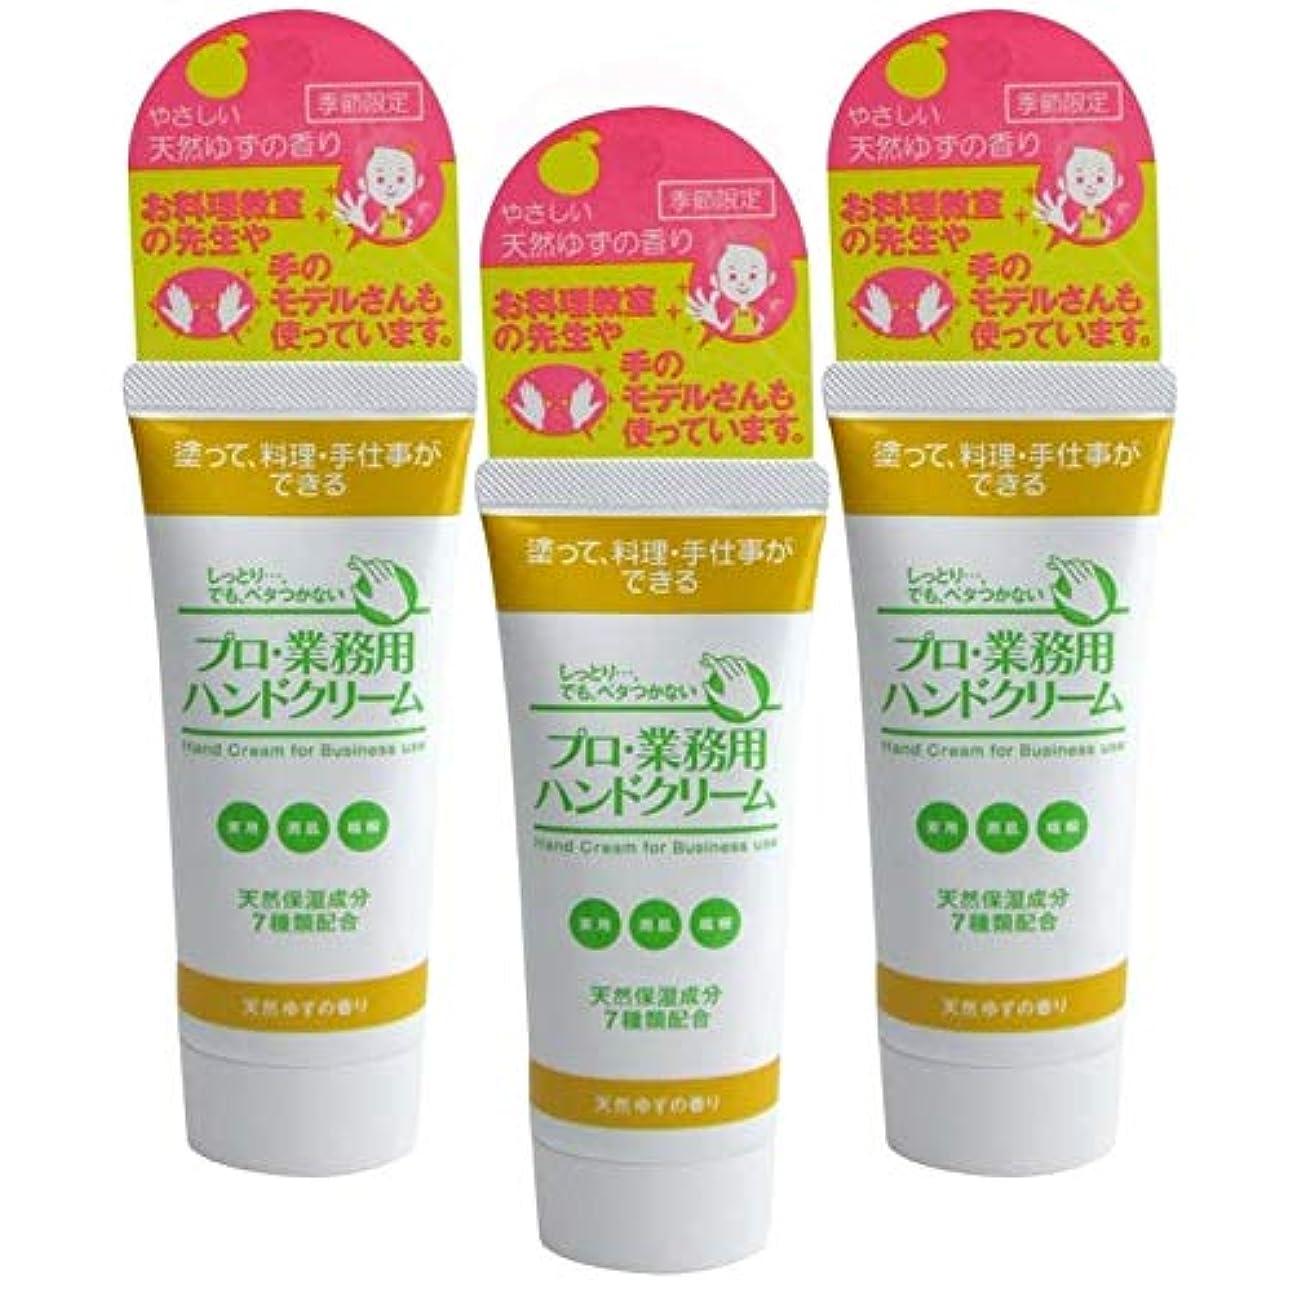 敵結論カウントアッププロ業務用ハンドクリーム 天然ゆずの香り 60g 3個セット